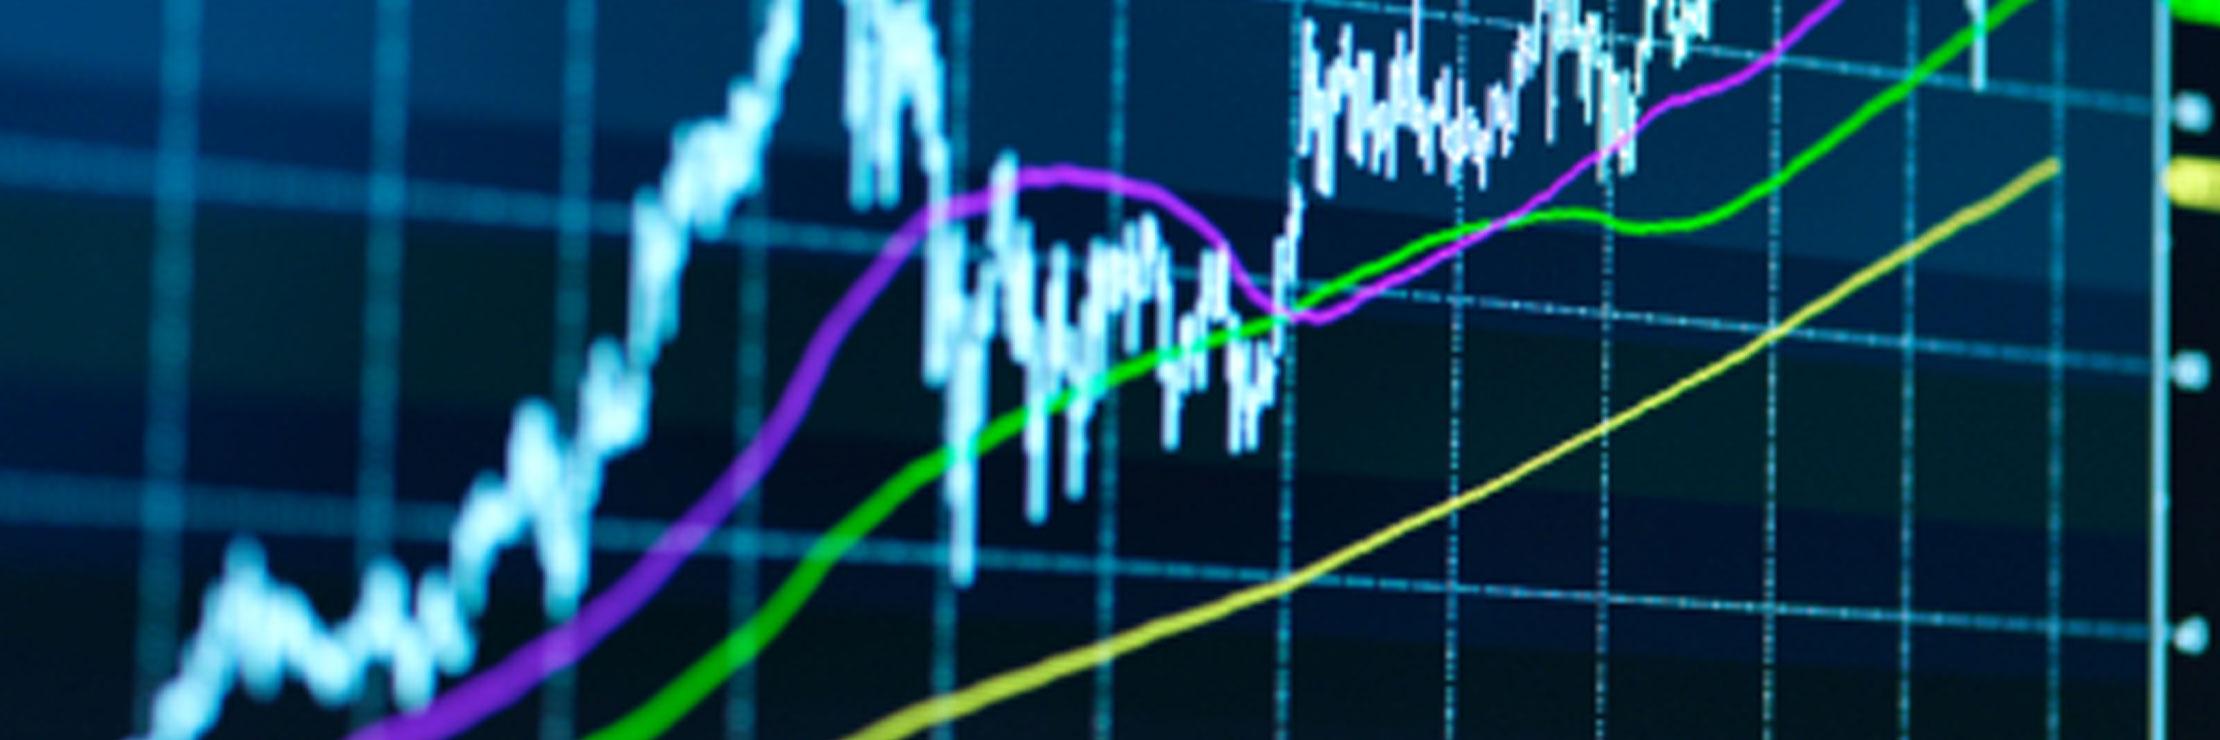 Energy-finance